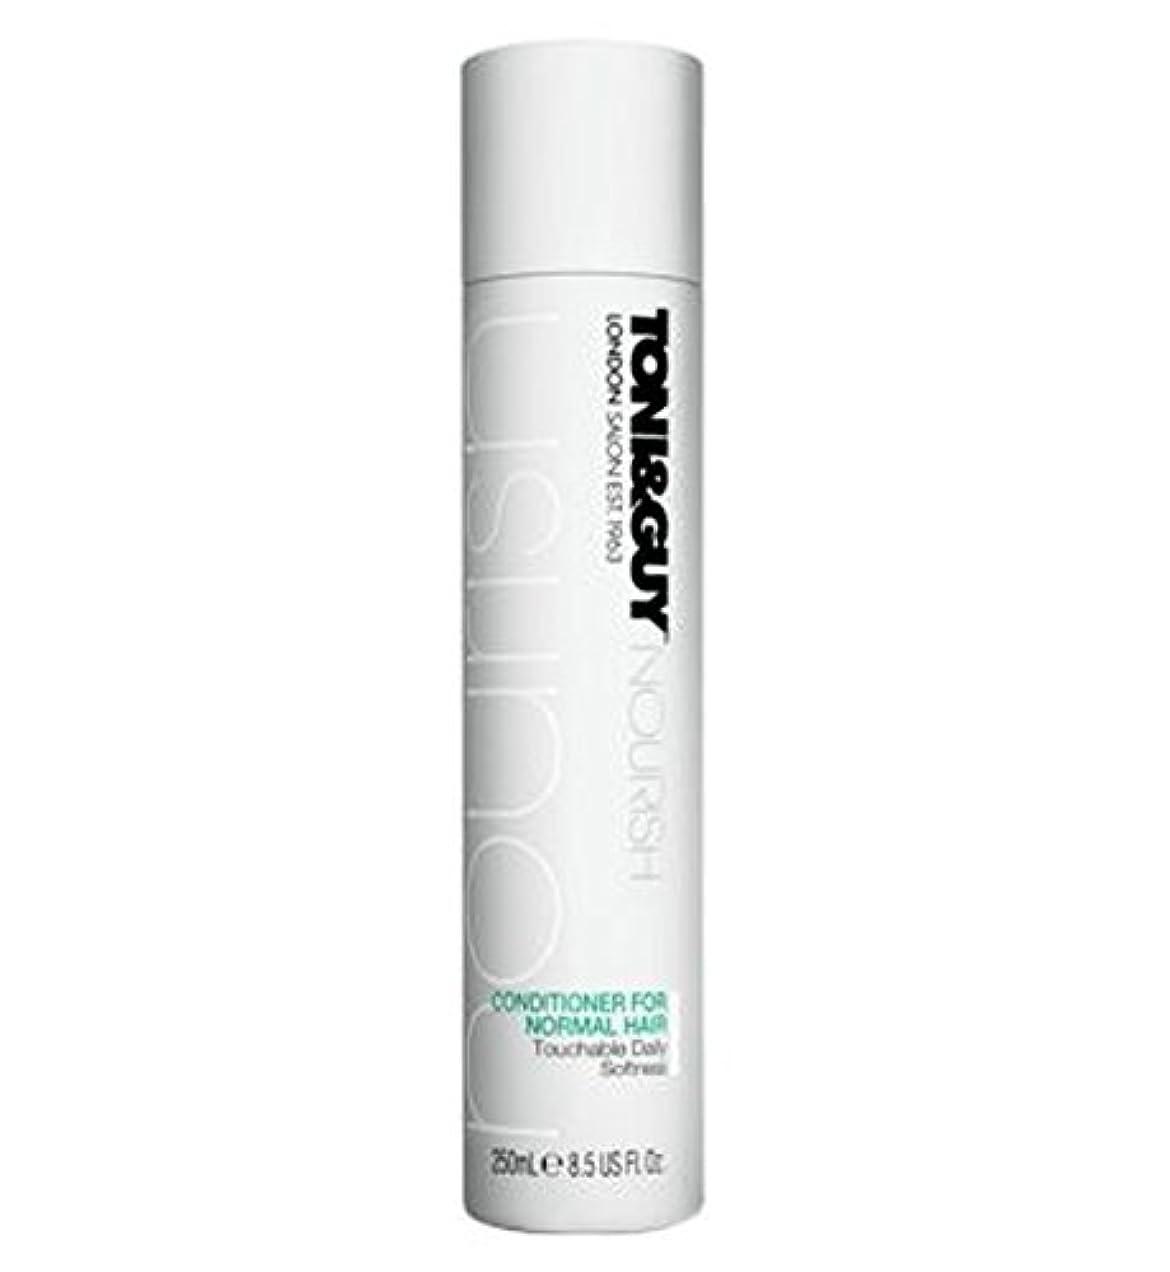 ライナーケーブルカーテーブルToni&Guy Conditioner for Normal Hair 250ml - ノーマルヘア250ミリリットルのためのトニ&男コンディショナー (Toni & Guy) [並行輸入品]